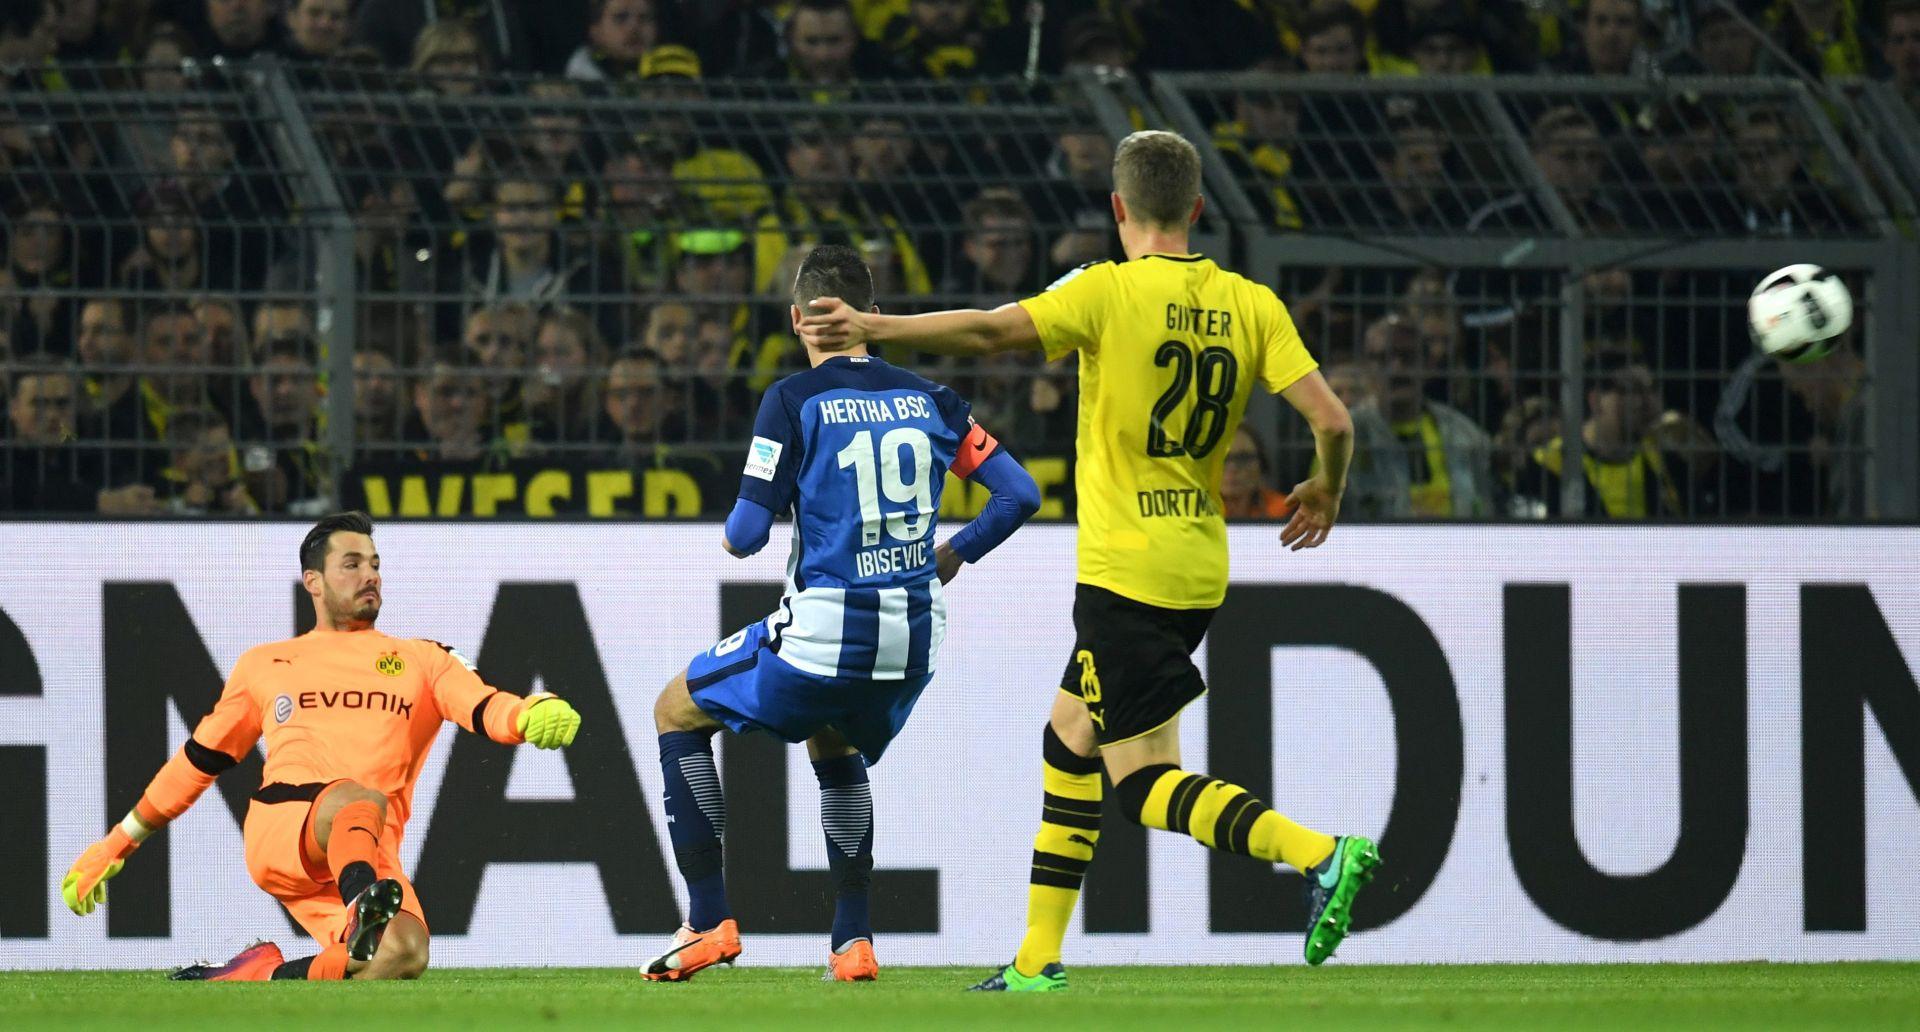 BUNDESLIGA Hertha i Borussia Dortmund remizirale, asistencija Ibiševića